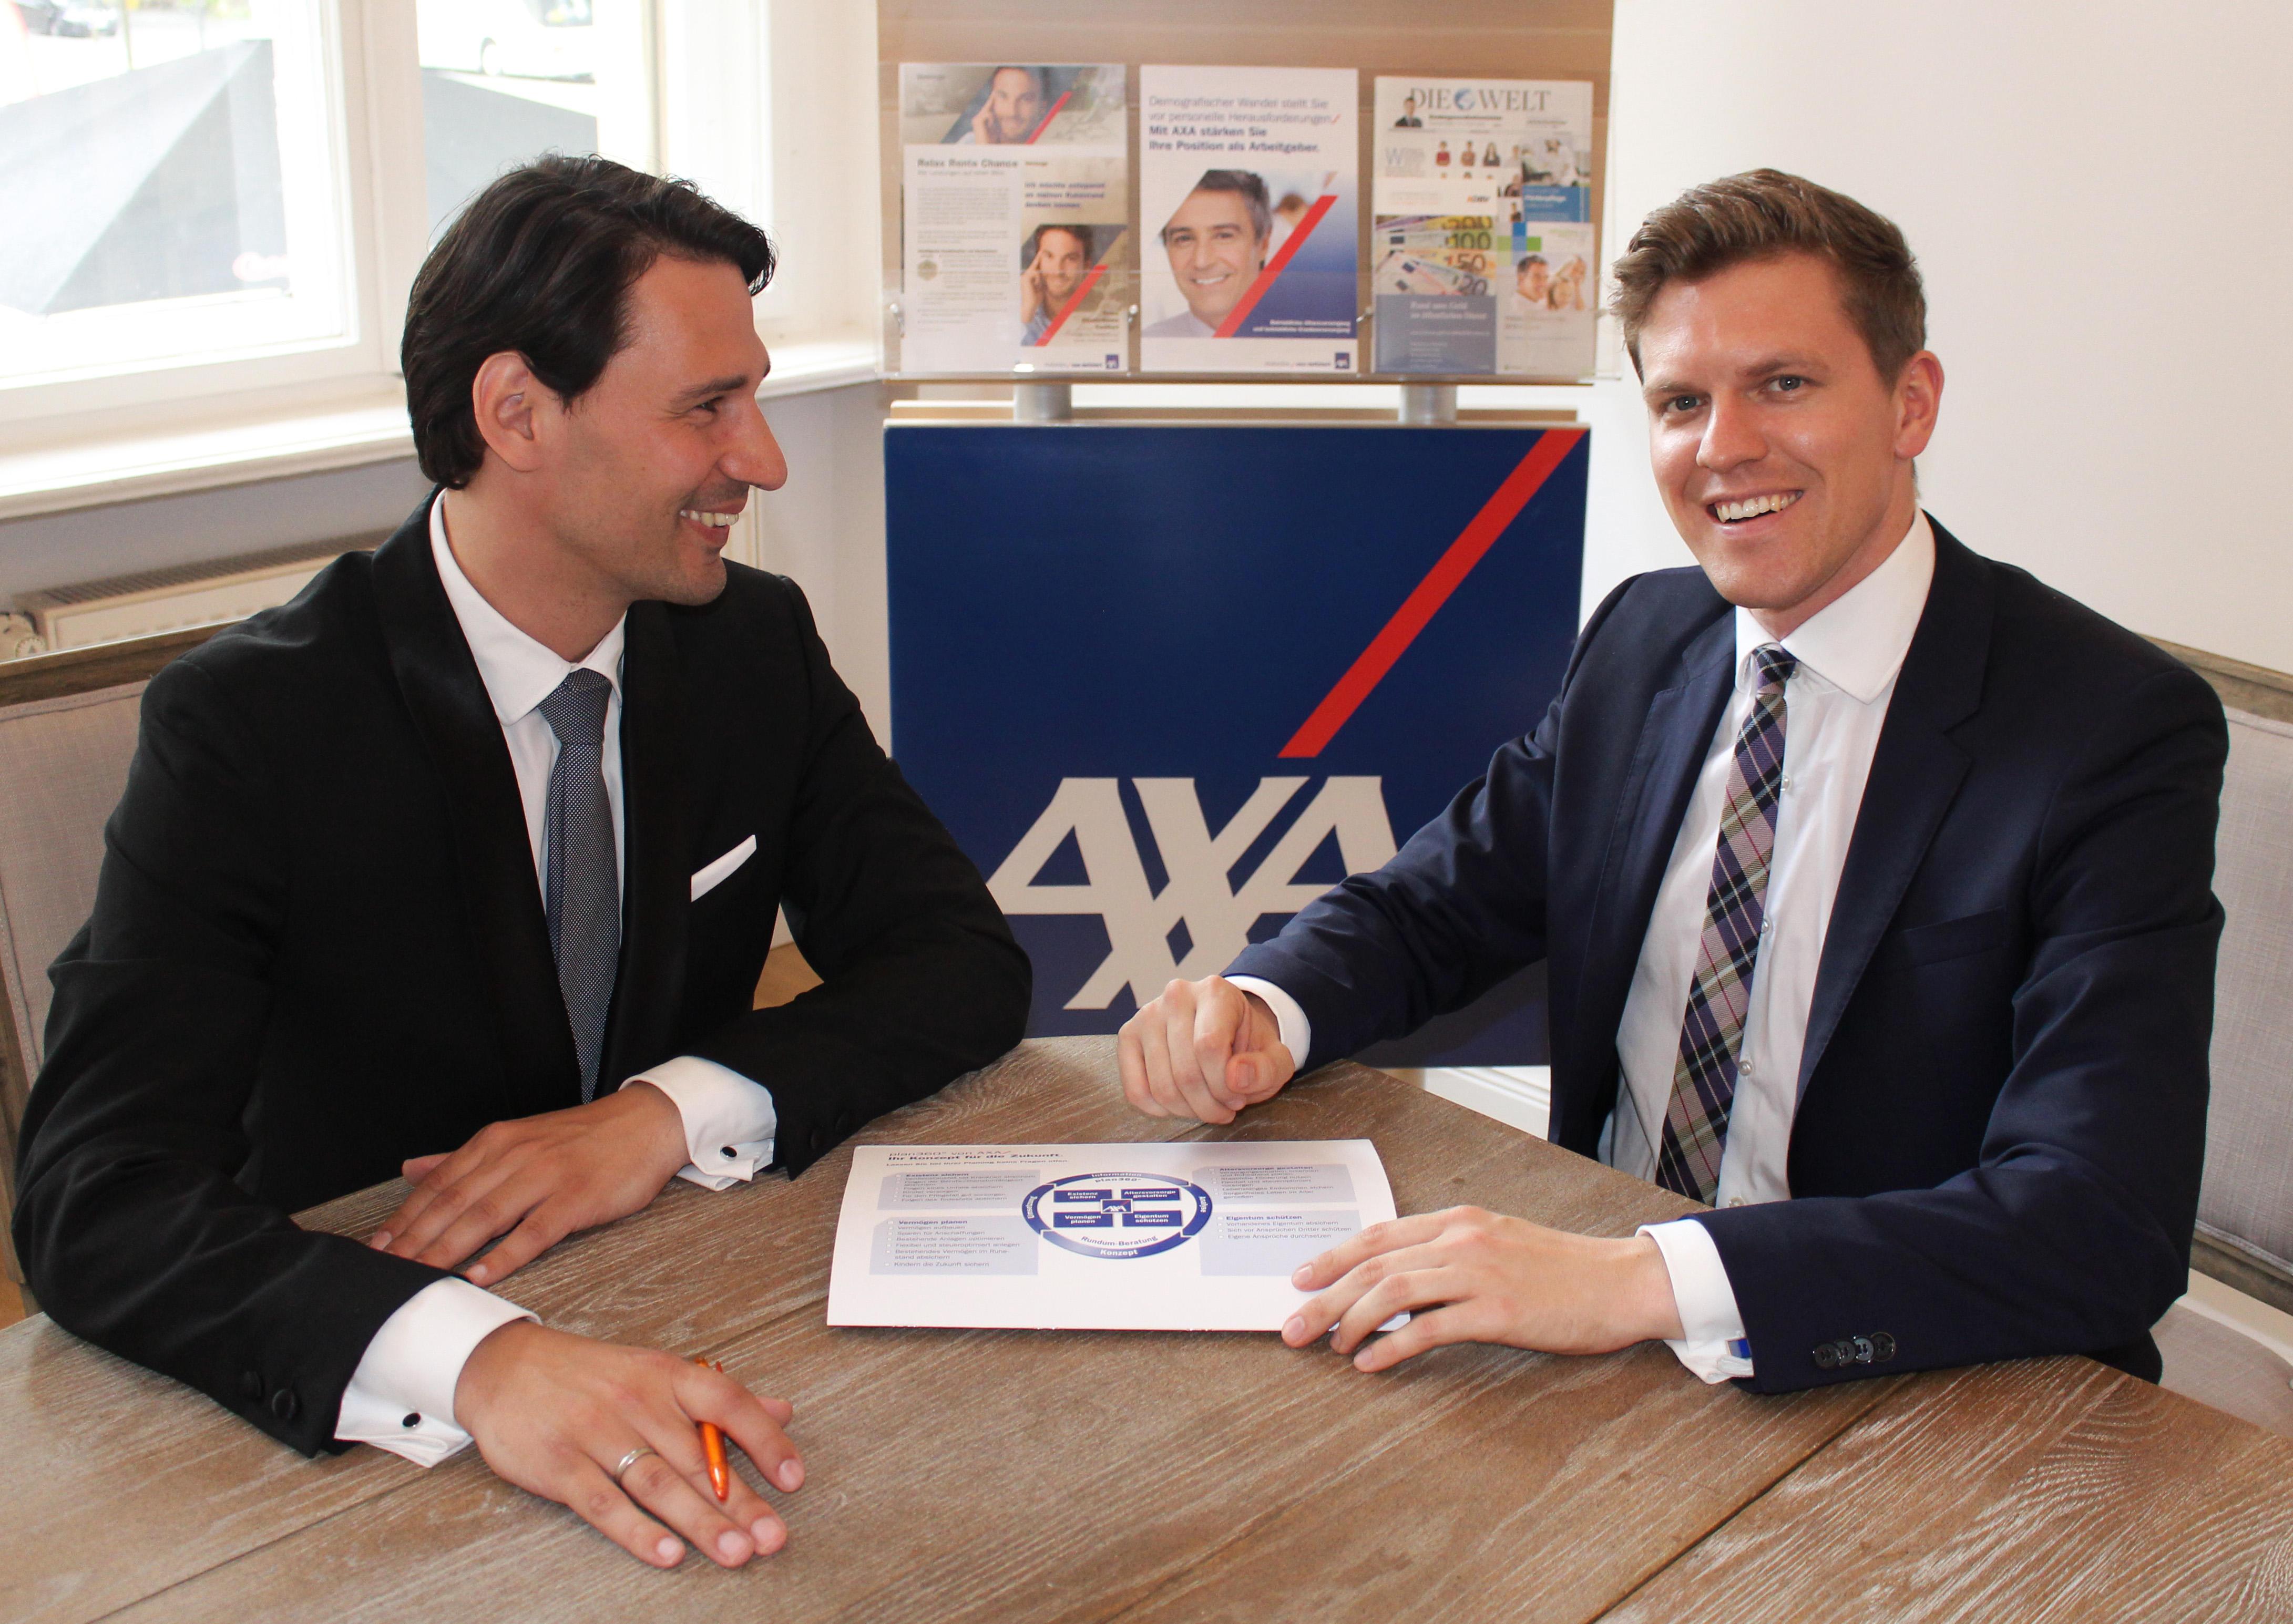 AXA Versicherungen Potsdam Fink & Wagner GmbH